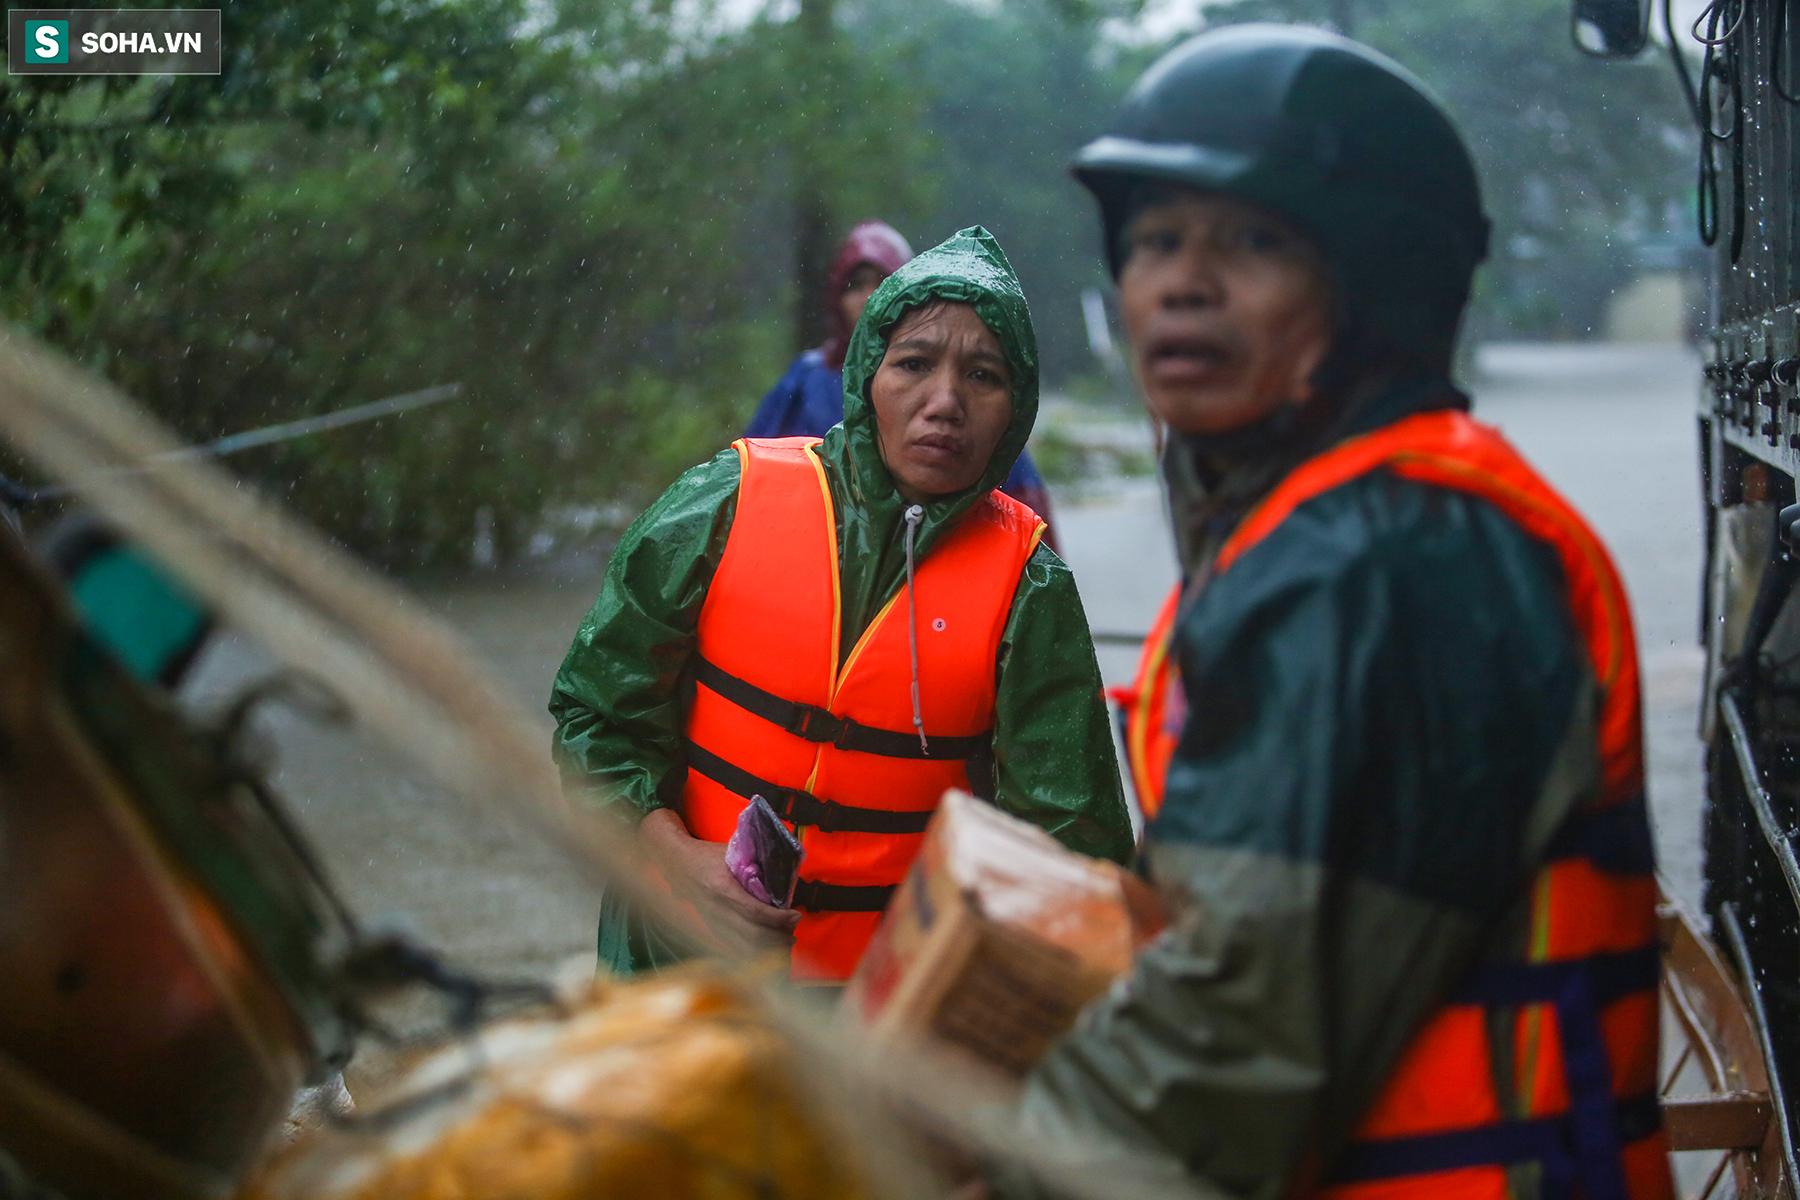 [Ảnh] Người phụ nữ ở Quảng Bình lao ra dòng nước lũ xin đồ ăn cho mẹ già bật khóc khi được cứu hộ khỏi ghe lật  - Ảnh 3.